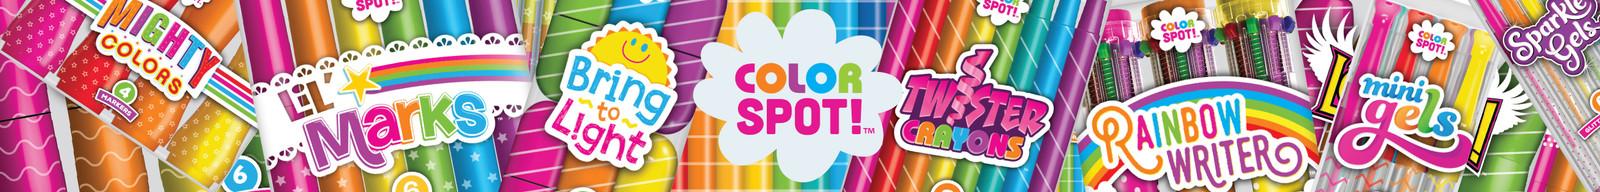 Color Spot